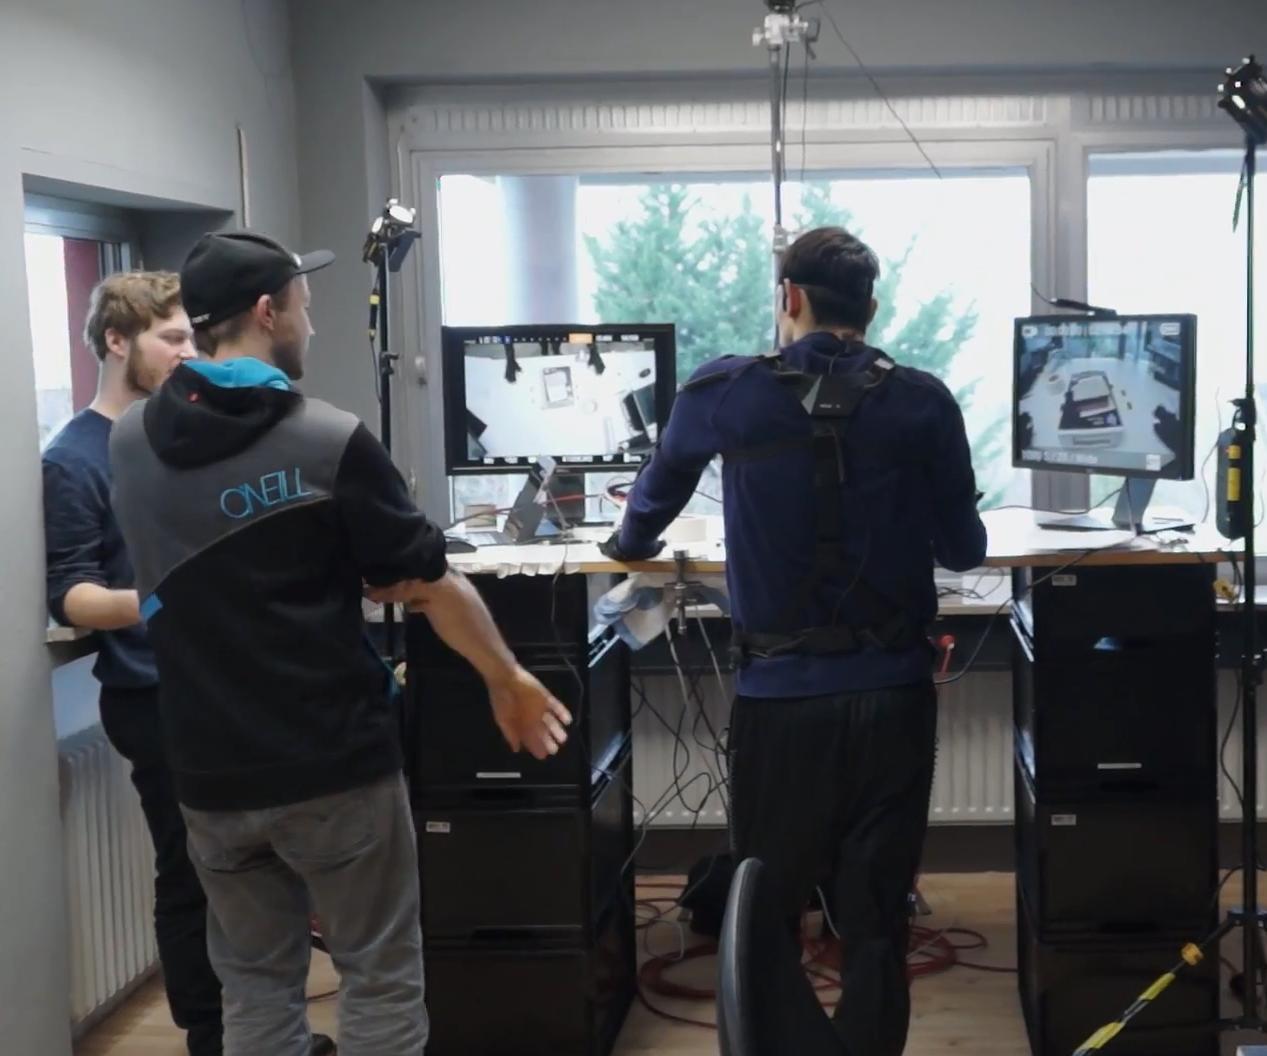 GTÜ Hands Making-Of - Aufnahme von hinten, Personen beim Motion Capture mit Displays